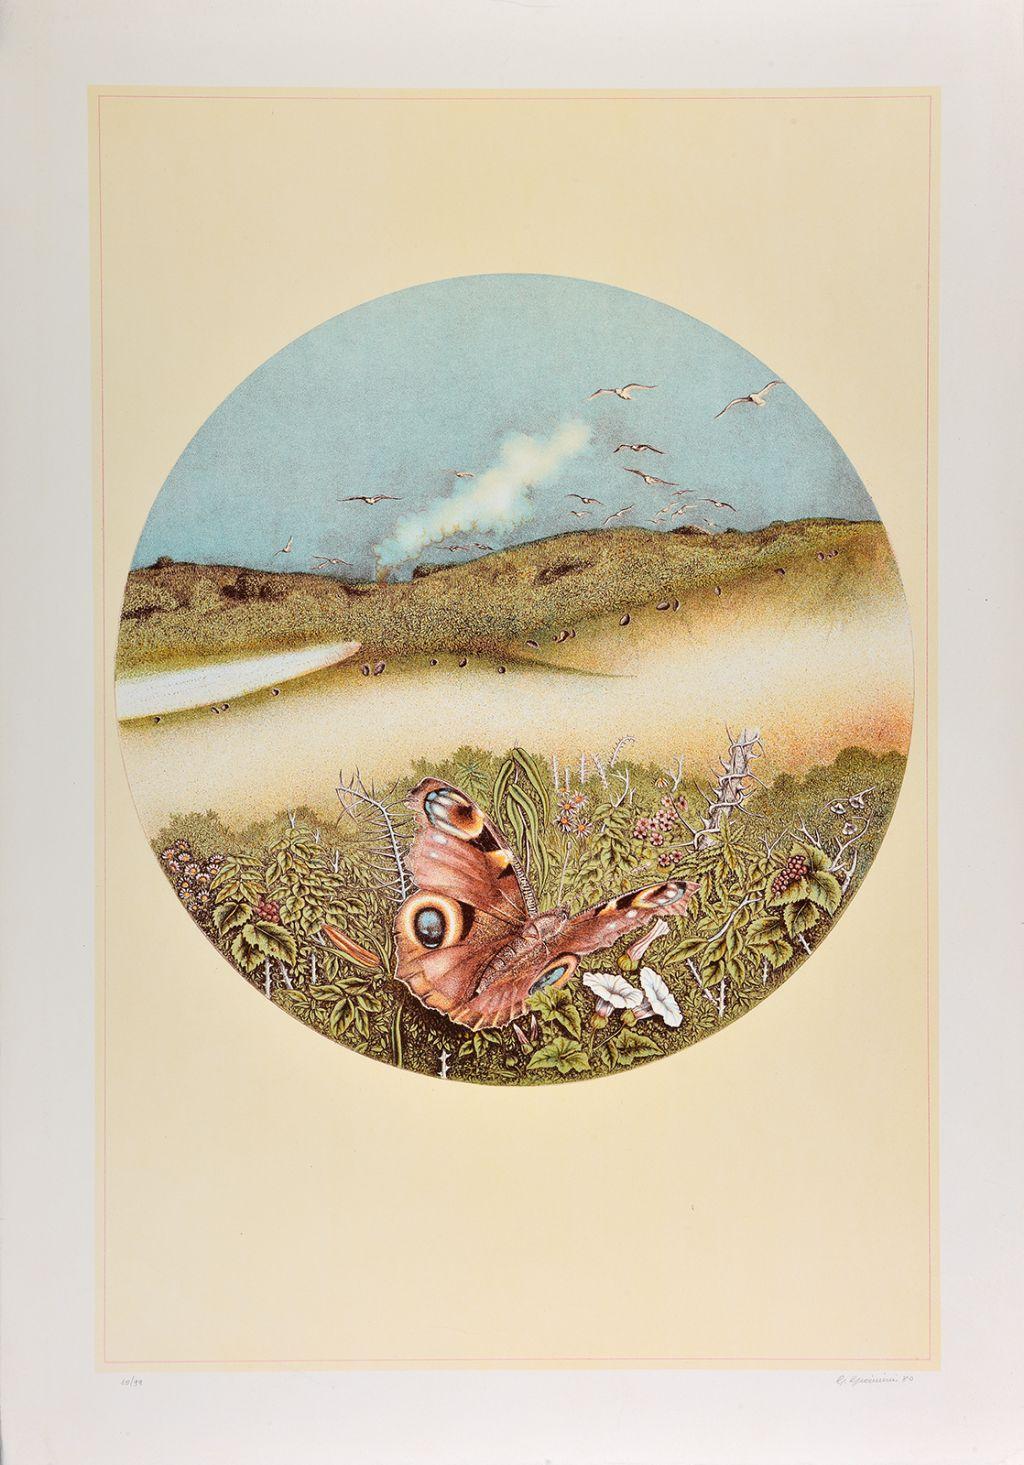 giannini-giuseppe-litografia